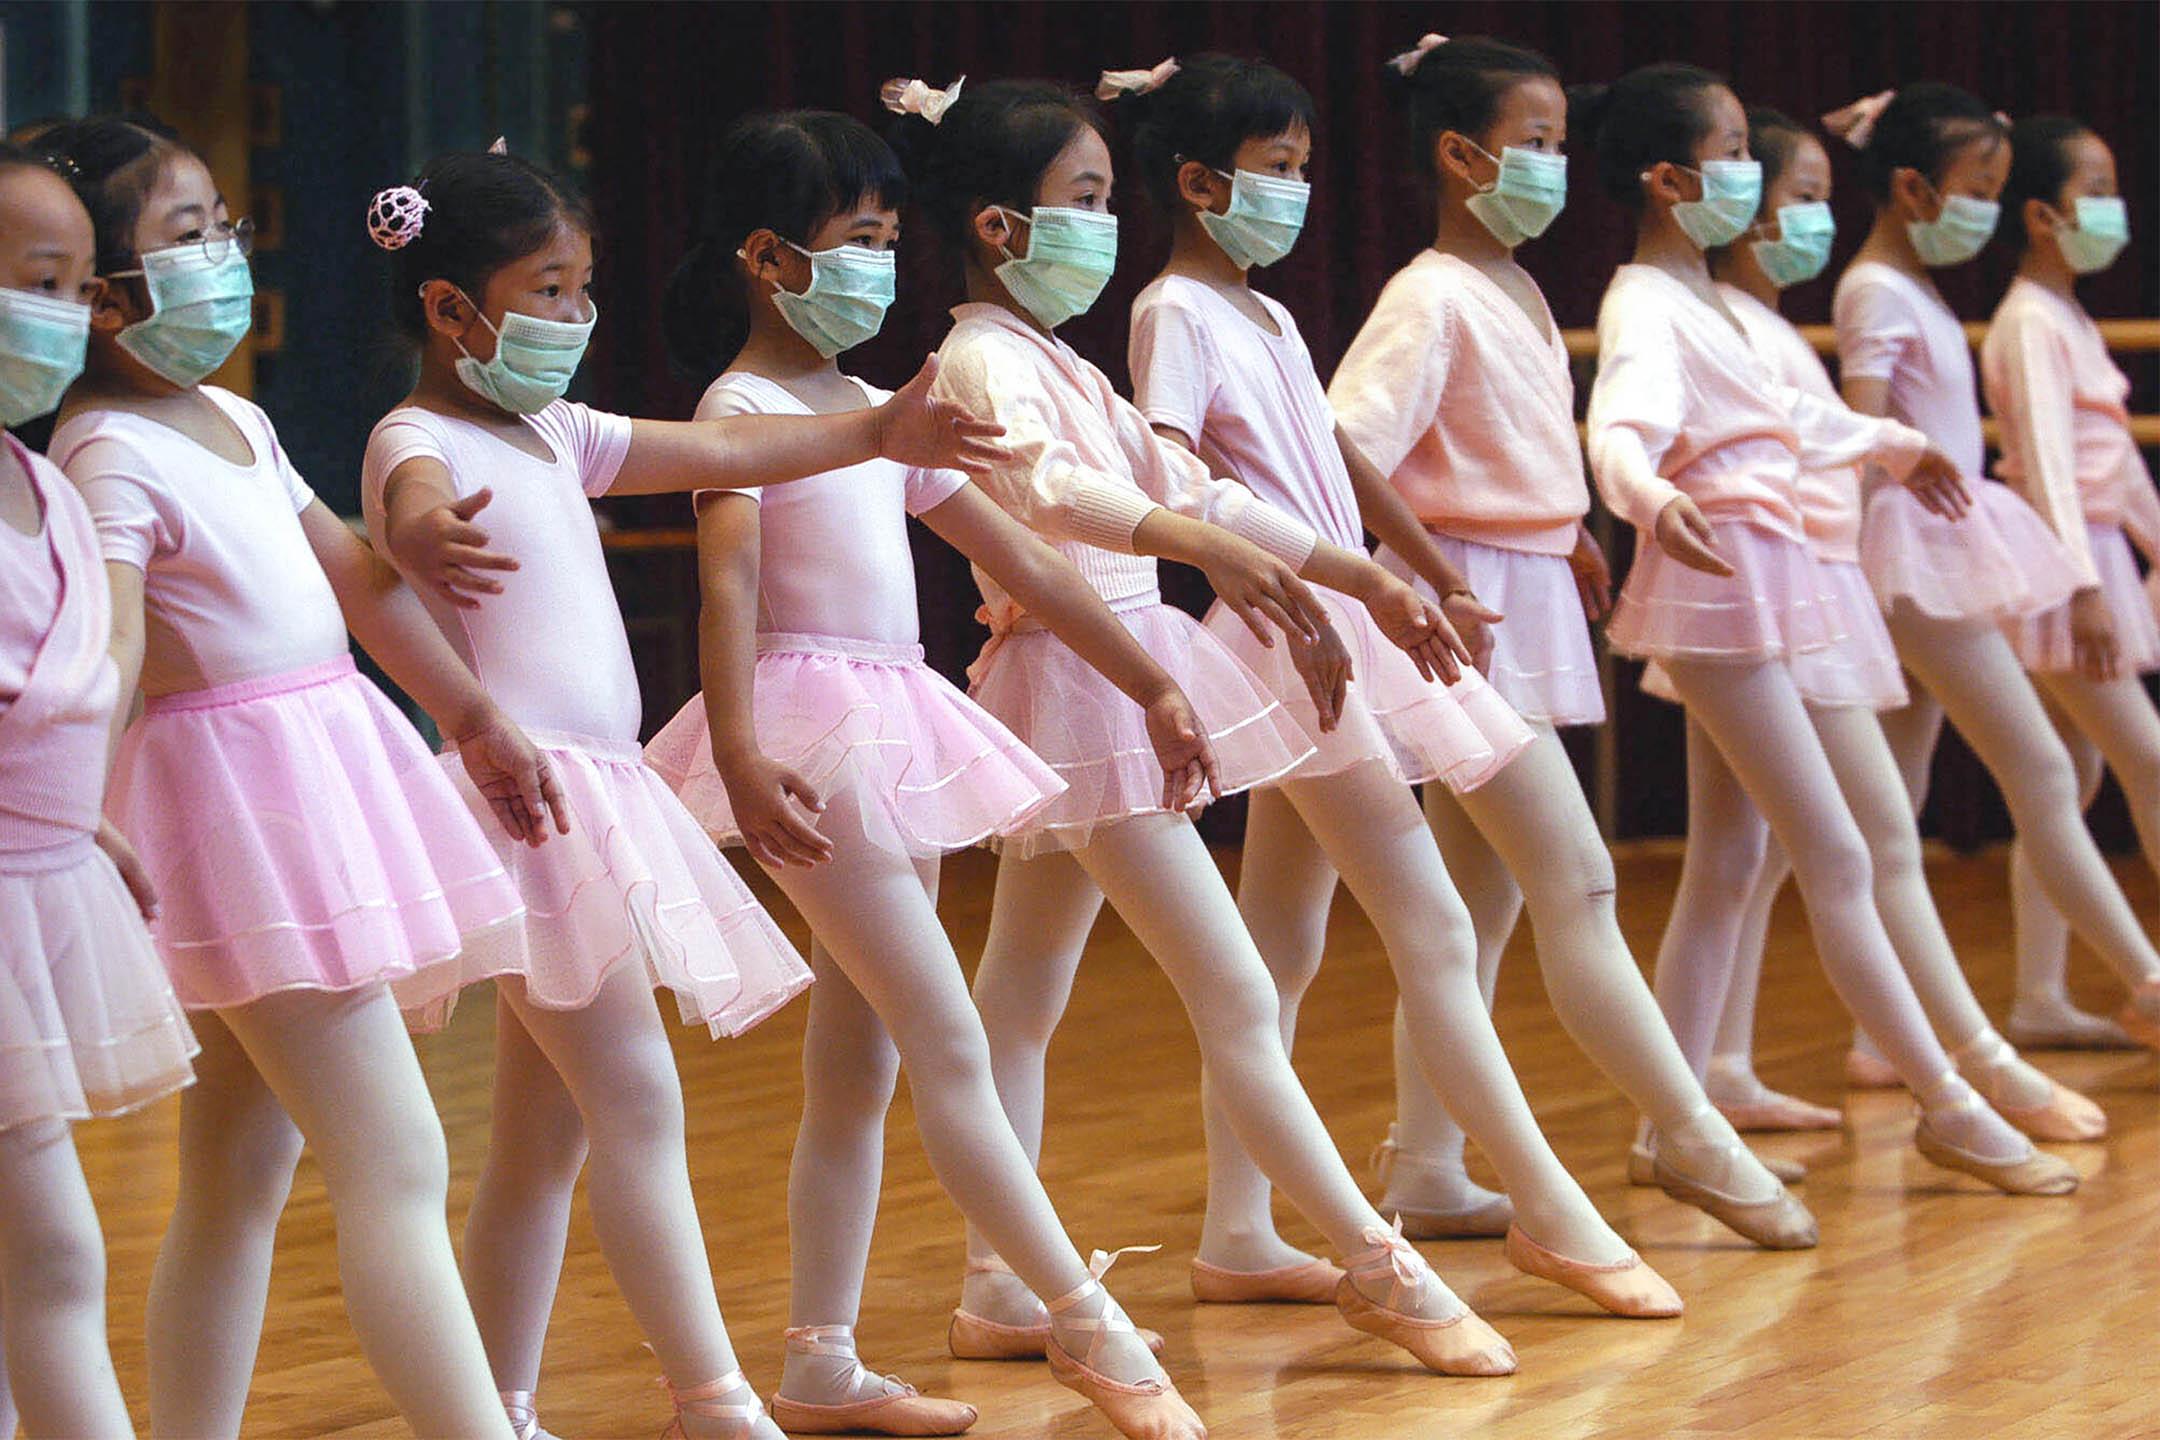 2003年4月27日香港,兒童戴著口罩參加芭蕾舞課,以預防SARS。  攝:Vincent Yu/AP/達志影像